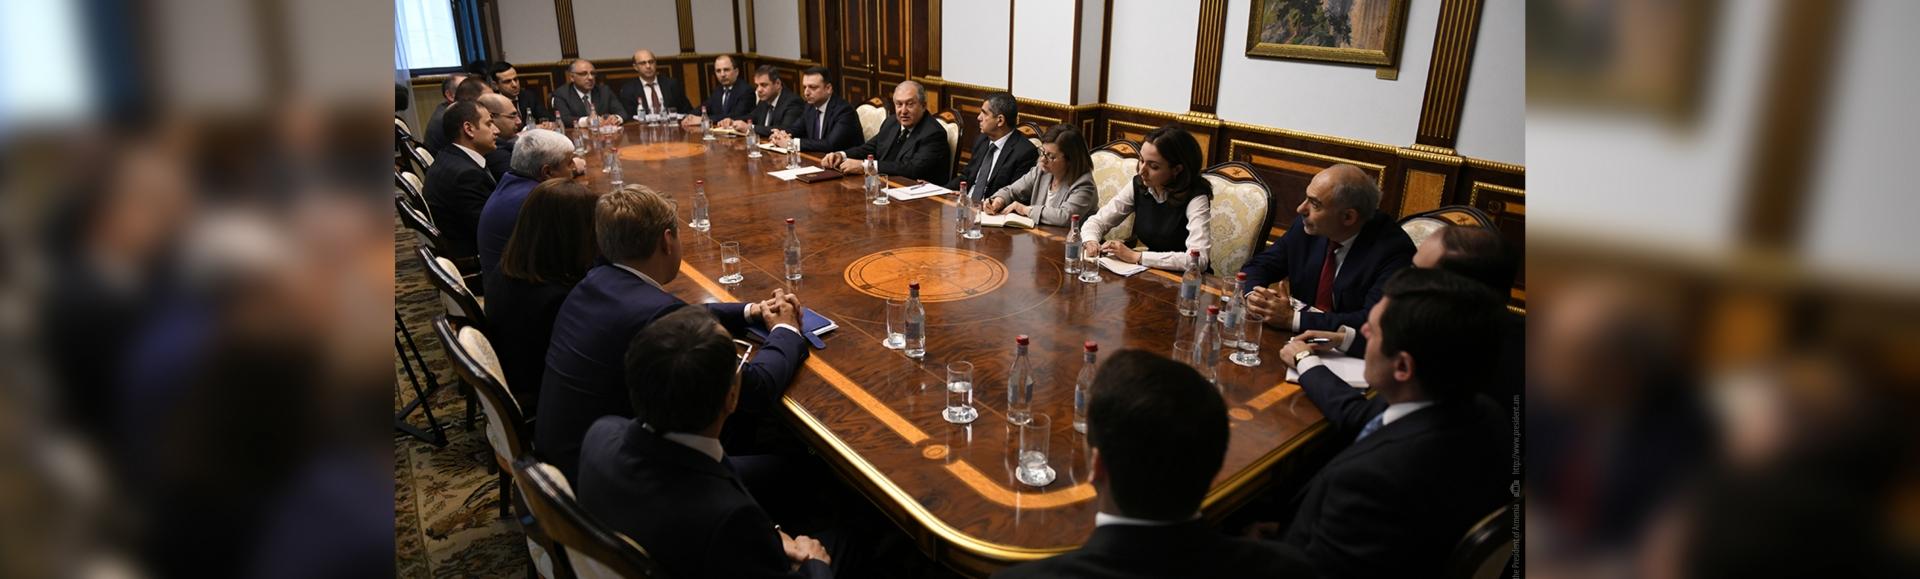 Հանրապետության նախագահը հանդիպել է ՀՀ բանկերի ղեկավարների և ներկայացուցիչների հետ